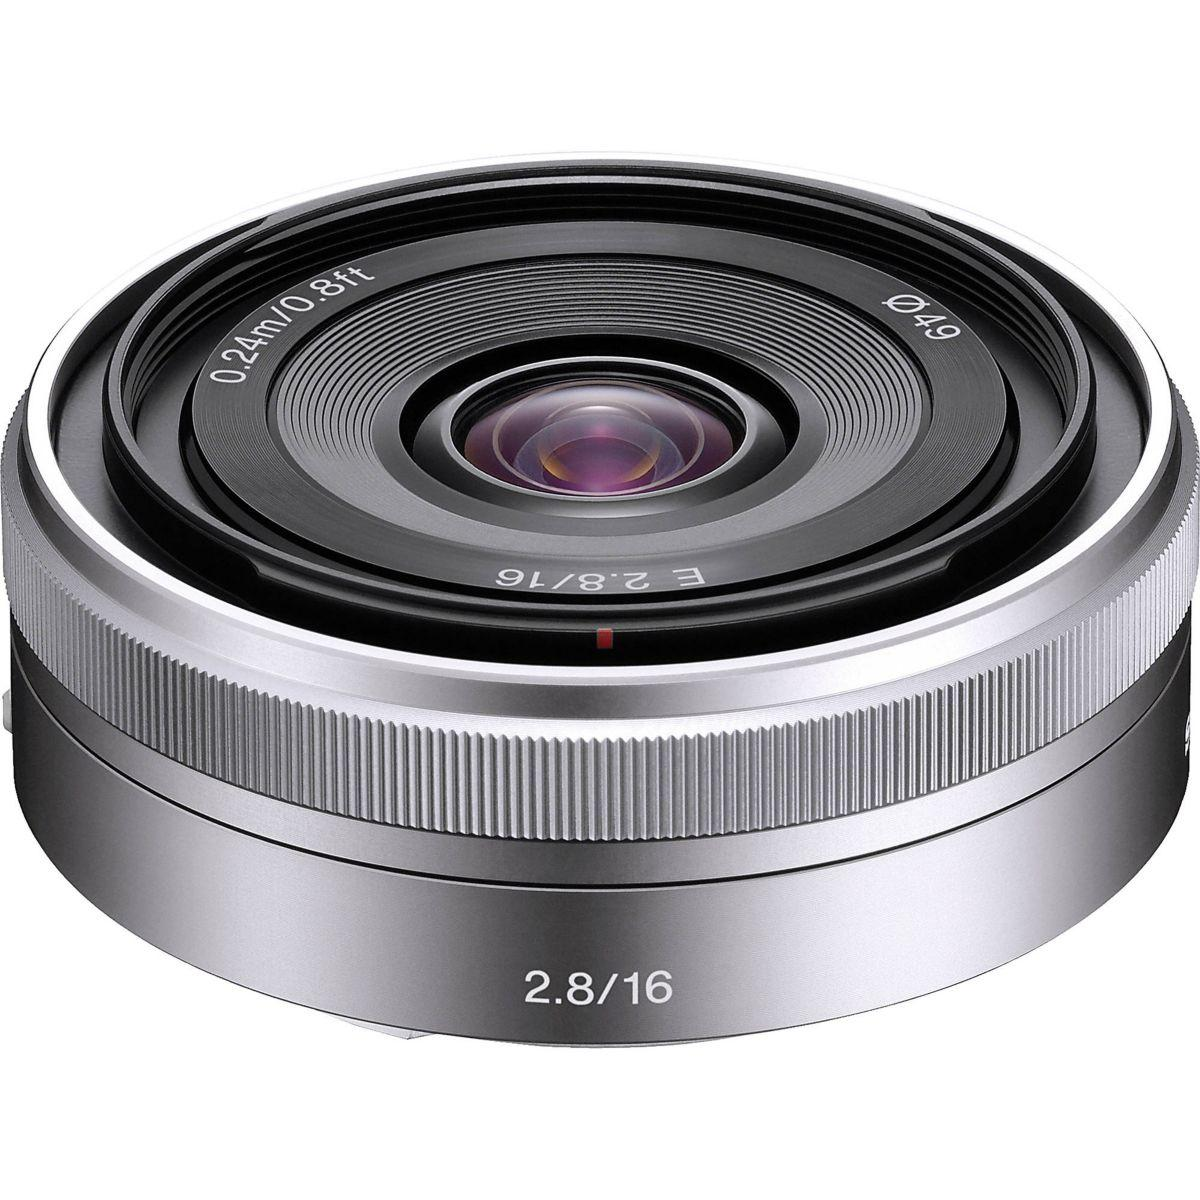 Objectif sony 16mm f/2.8 pancake (pour appareils photos num�riques sony � objectif interchangeable)